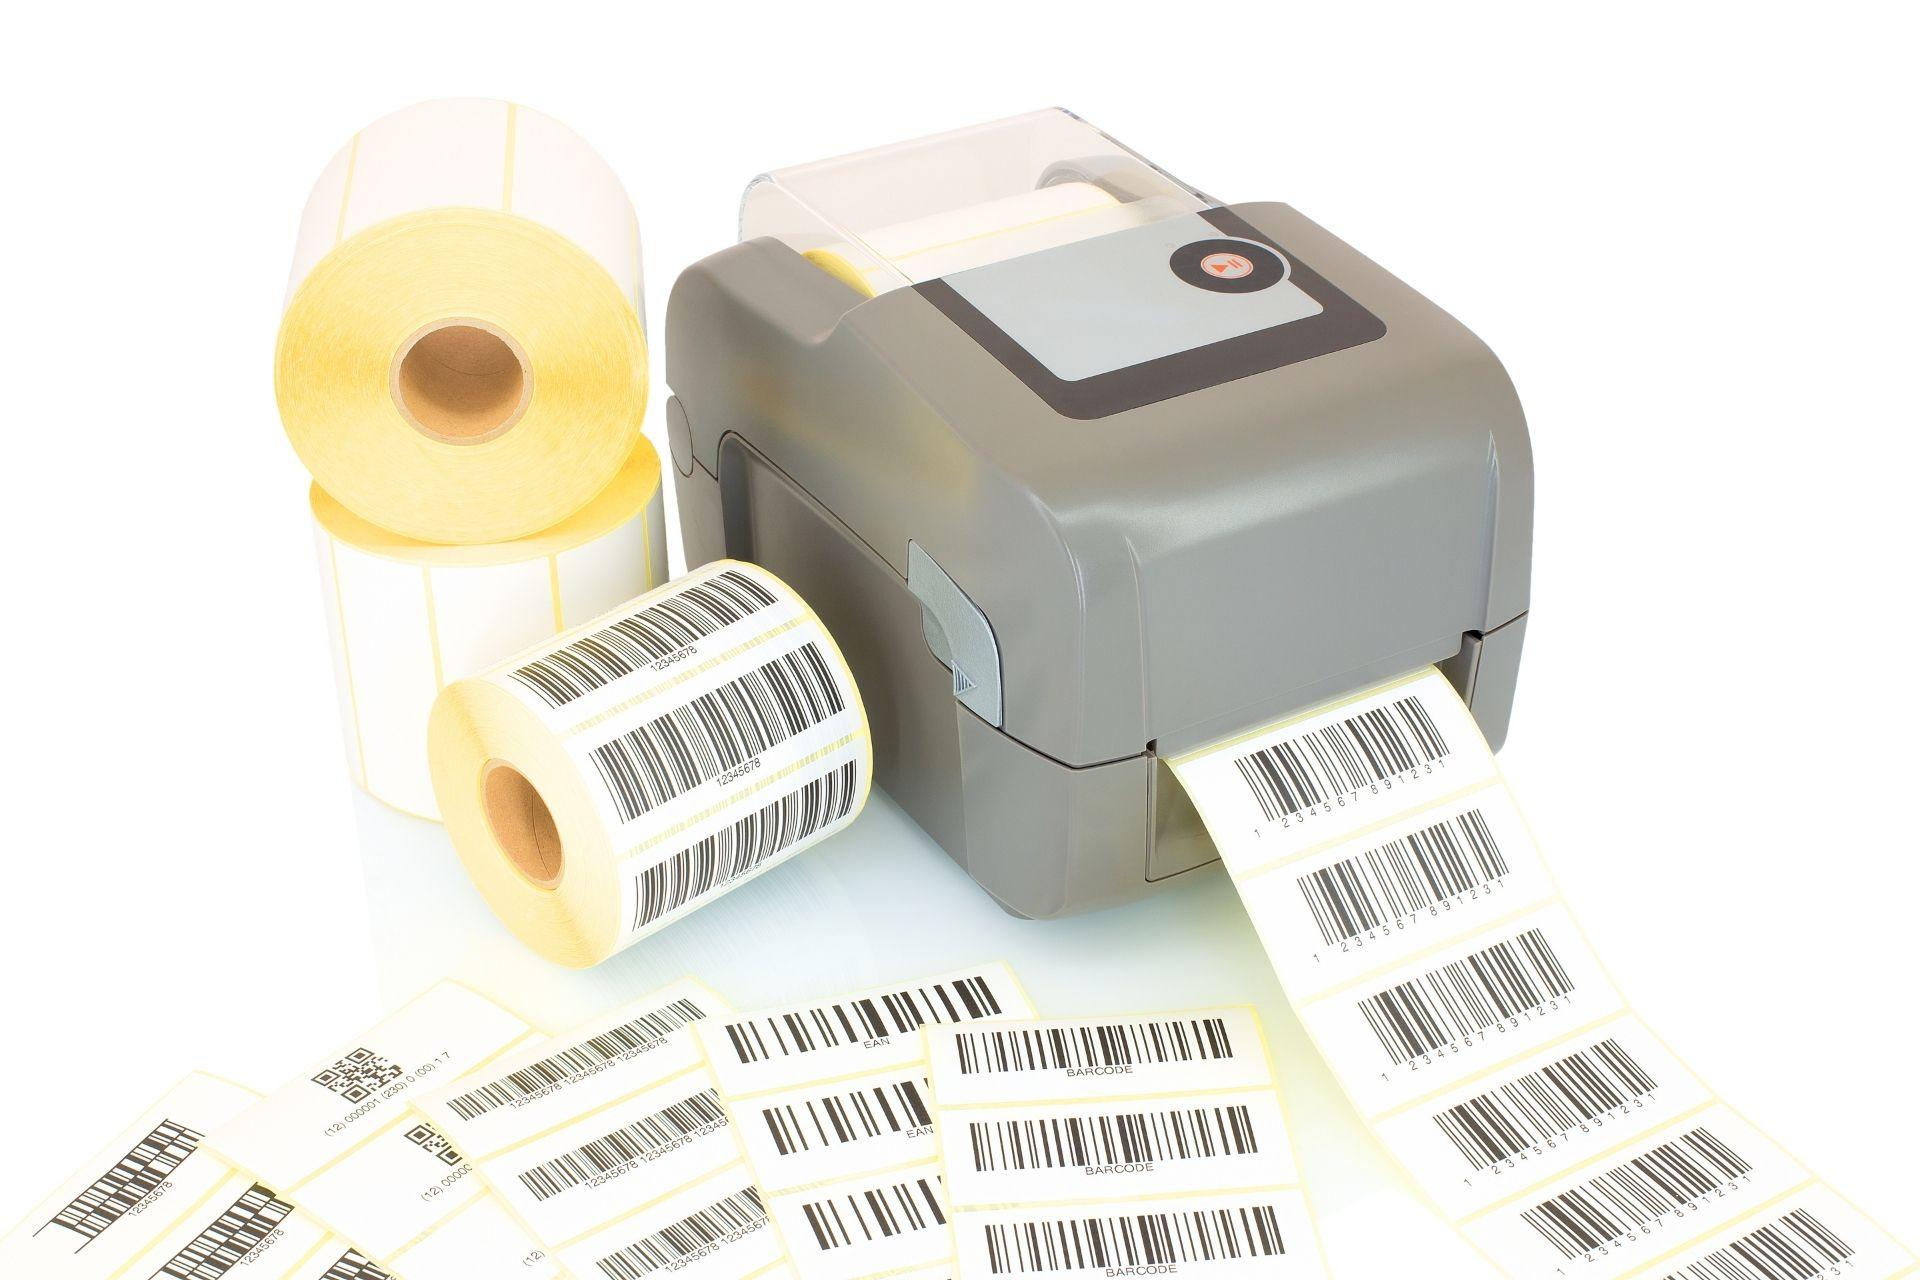 A thermal printer printing labels